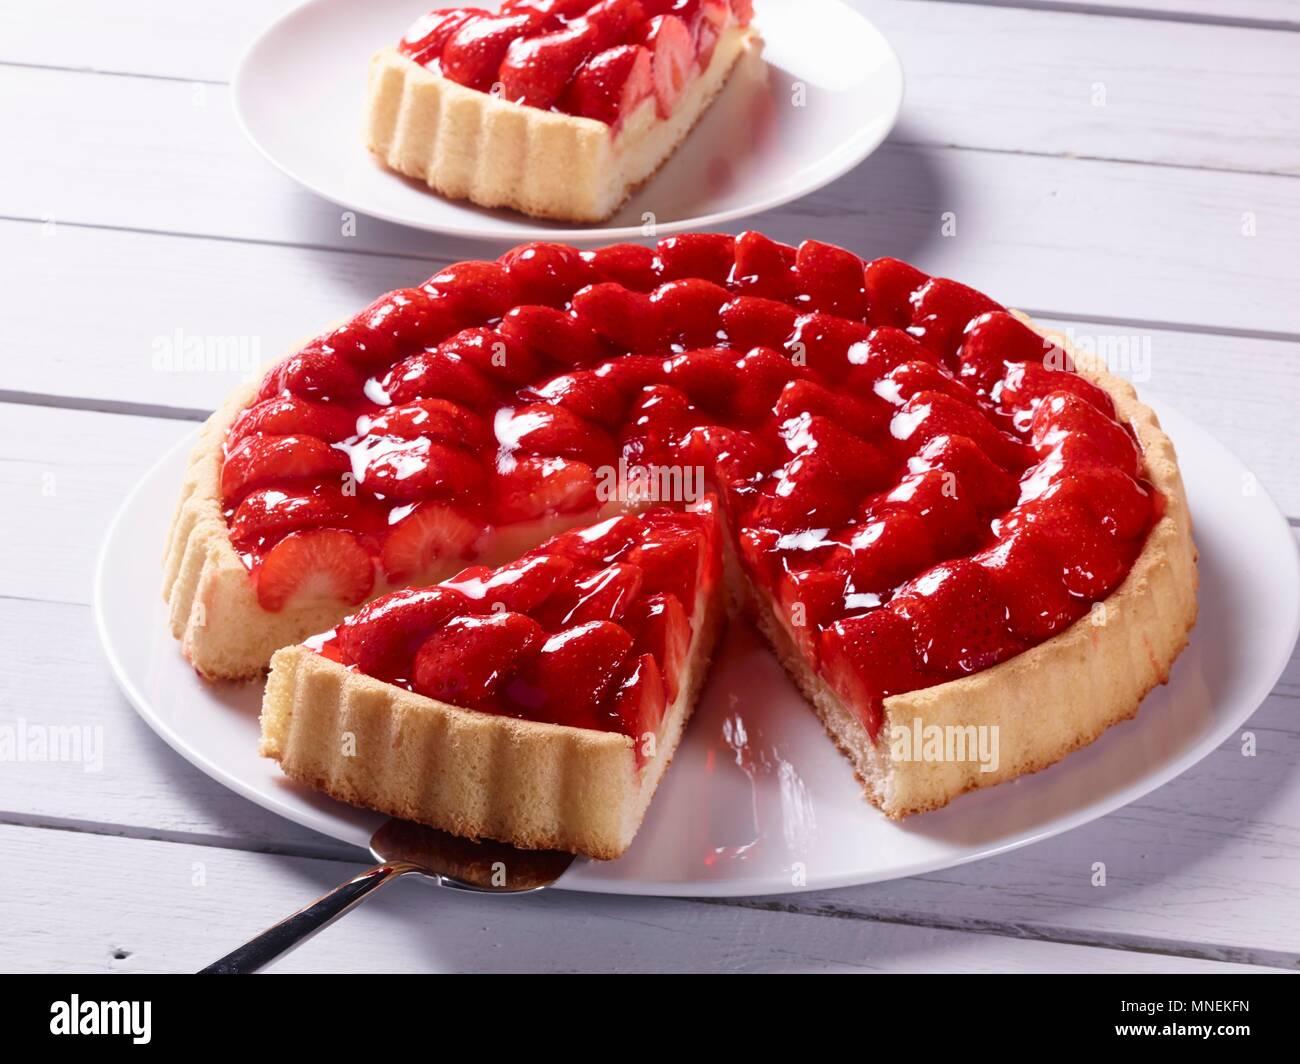 La torta di fragole, un pezzo tagliato Immagini Stock